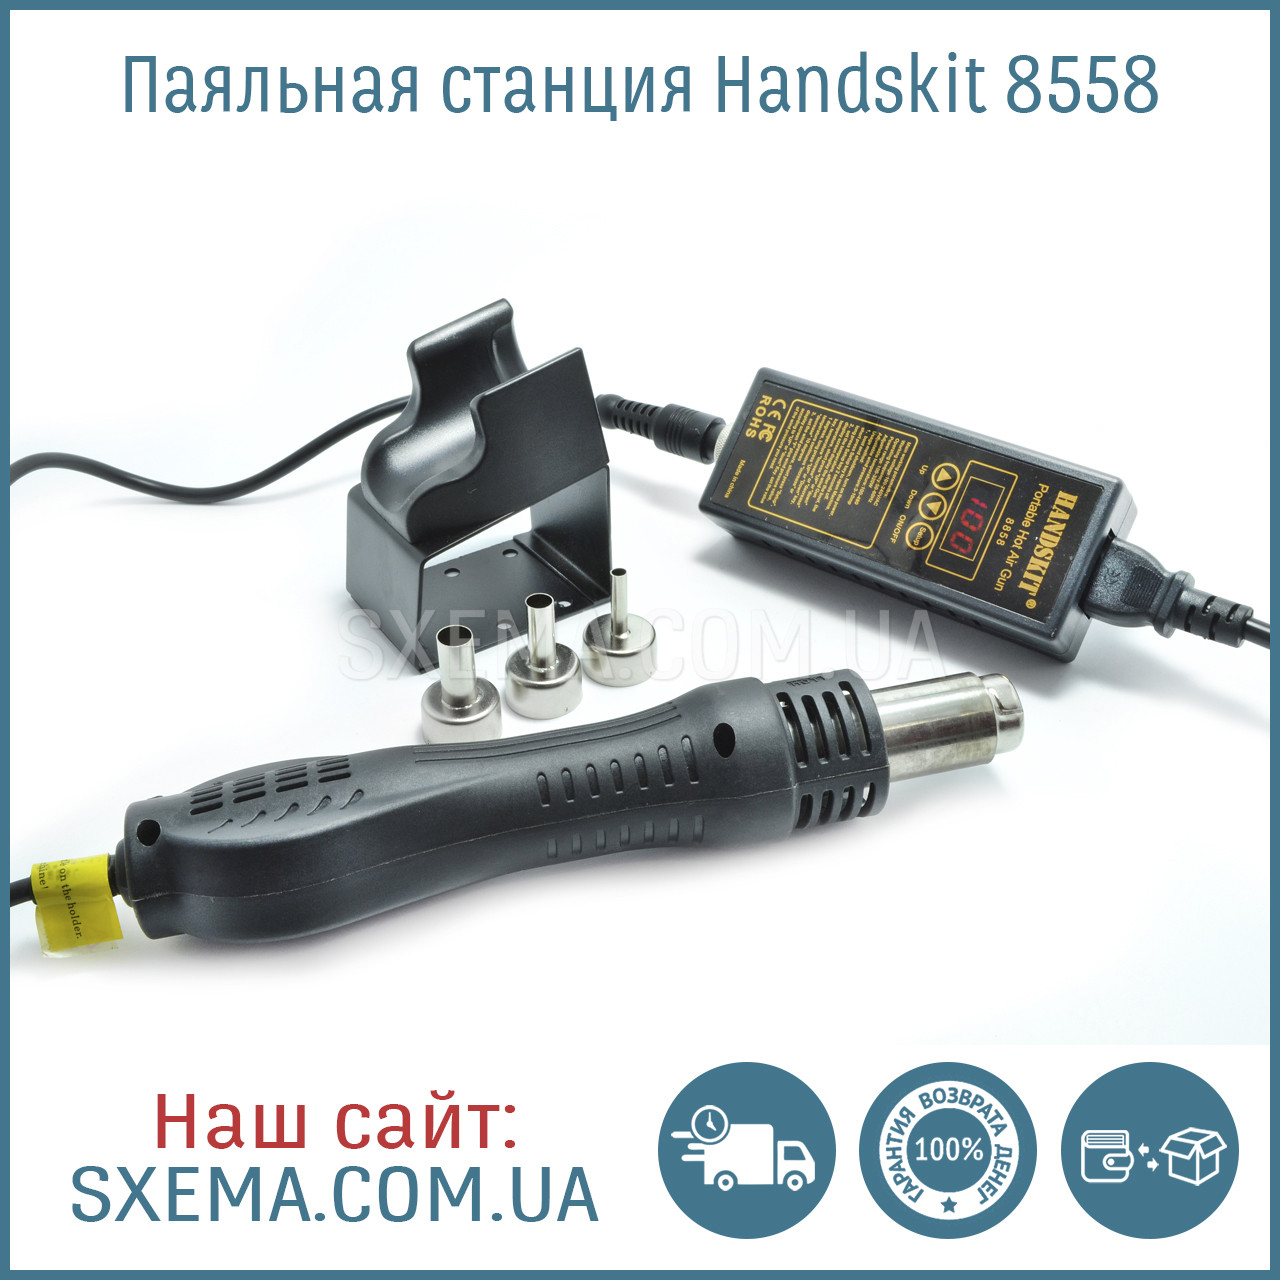 Паяльная станция Handskit 8858 портативный термофен